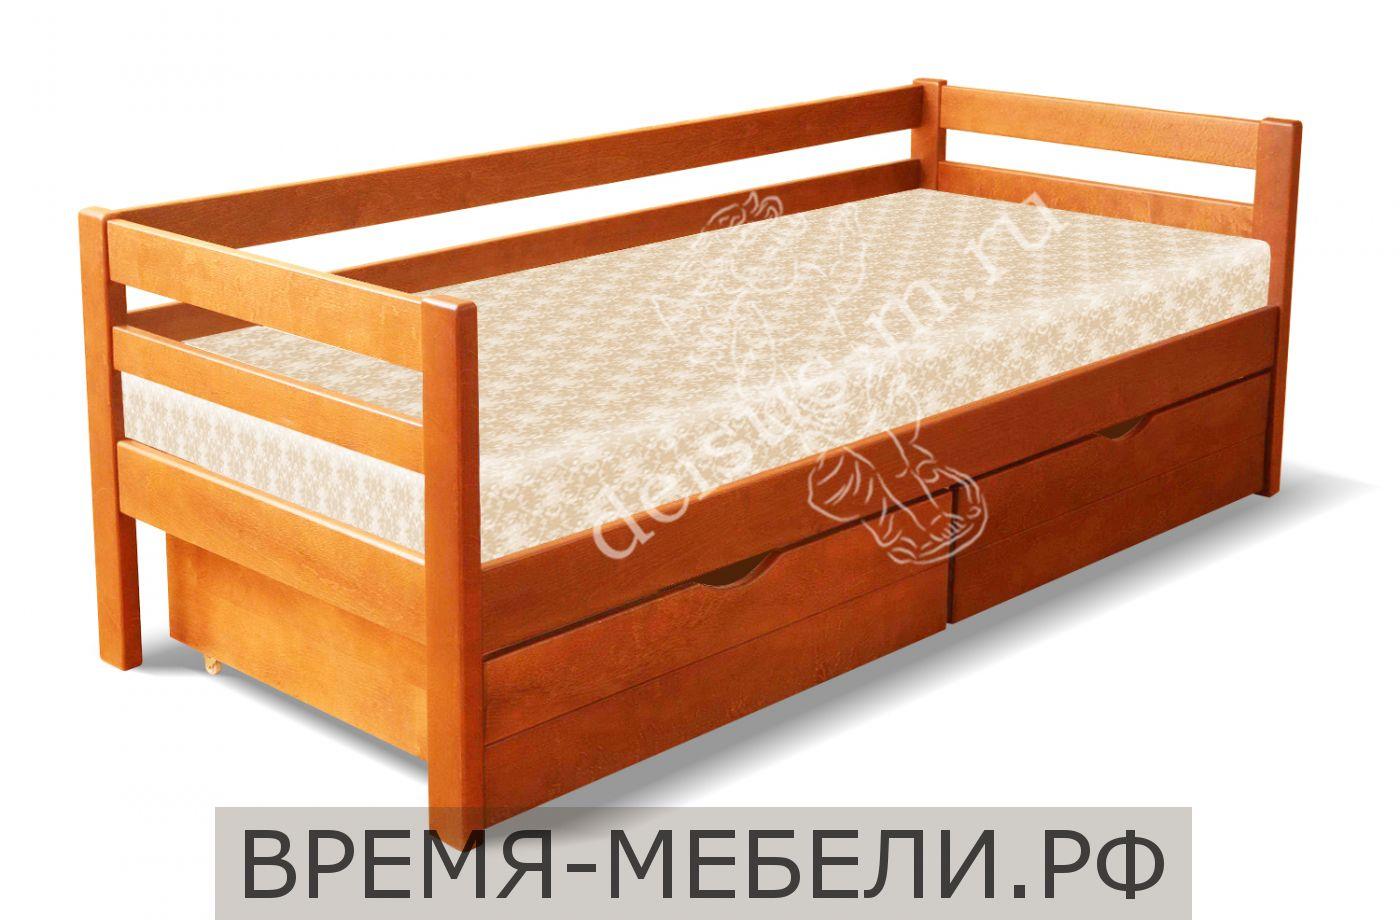 Кровать Кадет-М 1